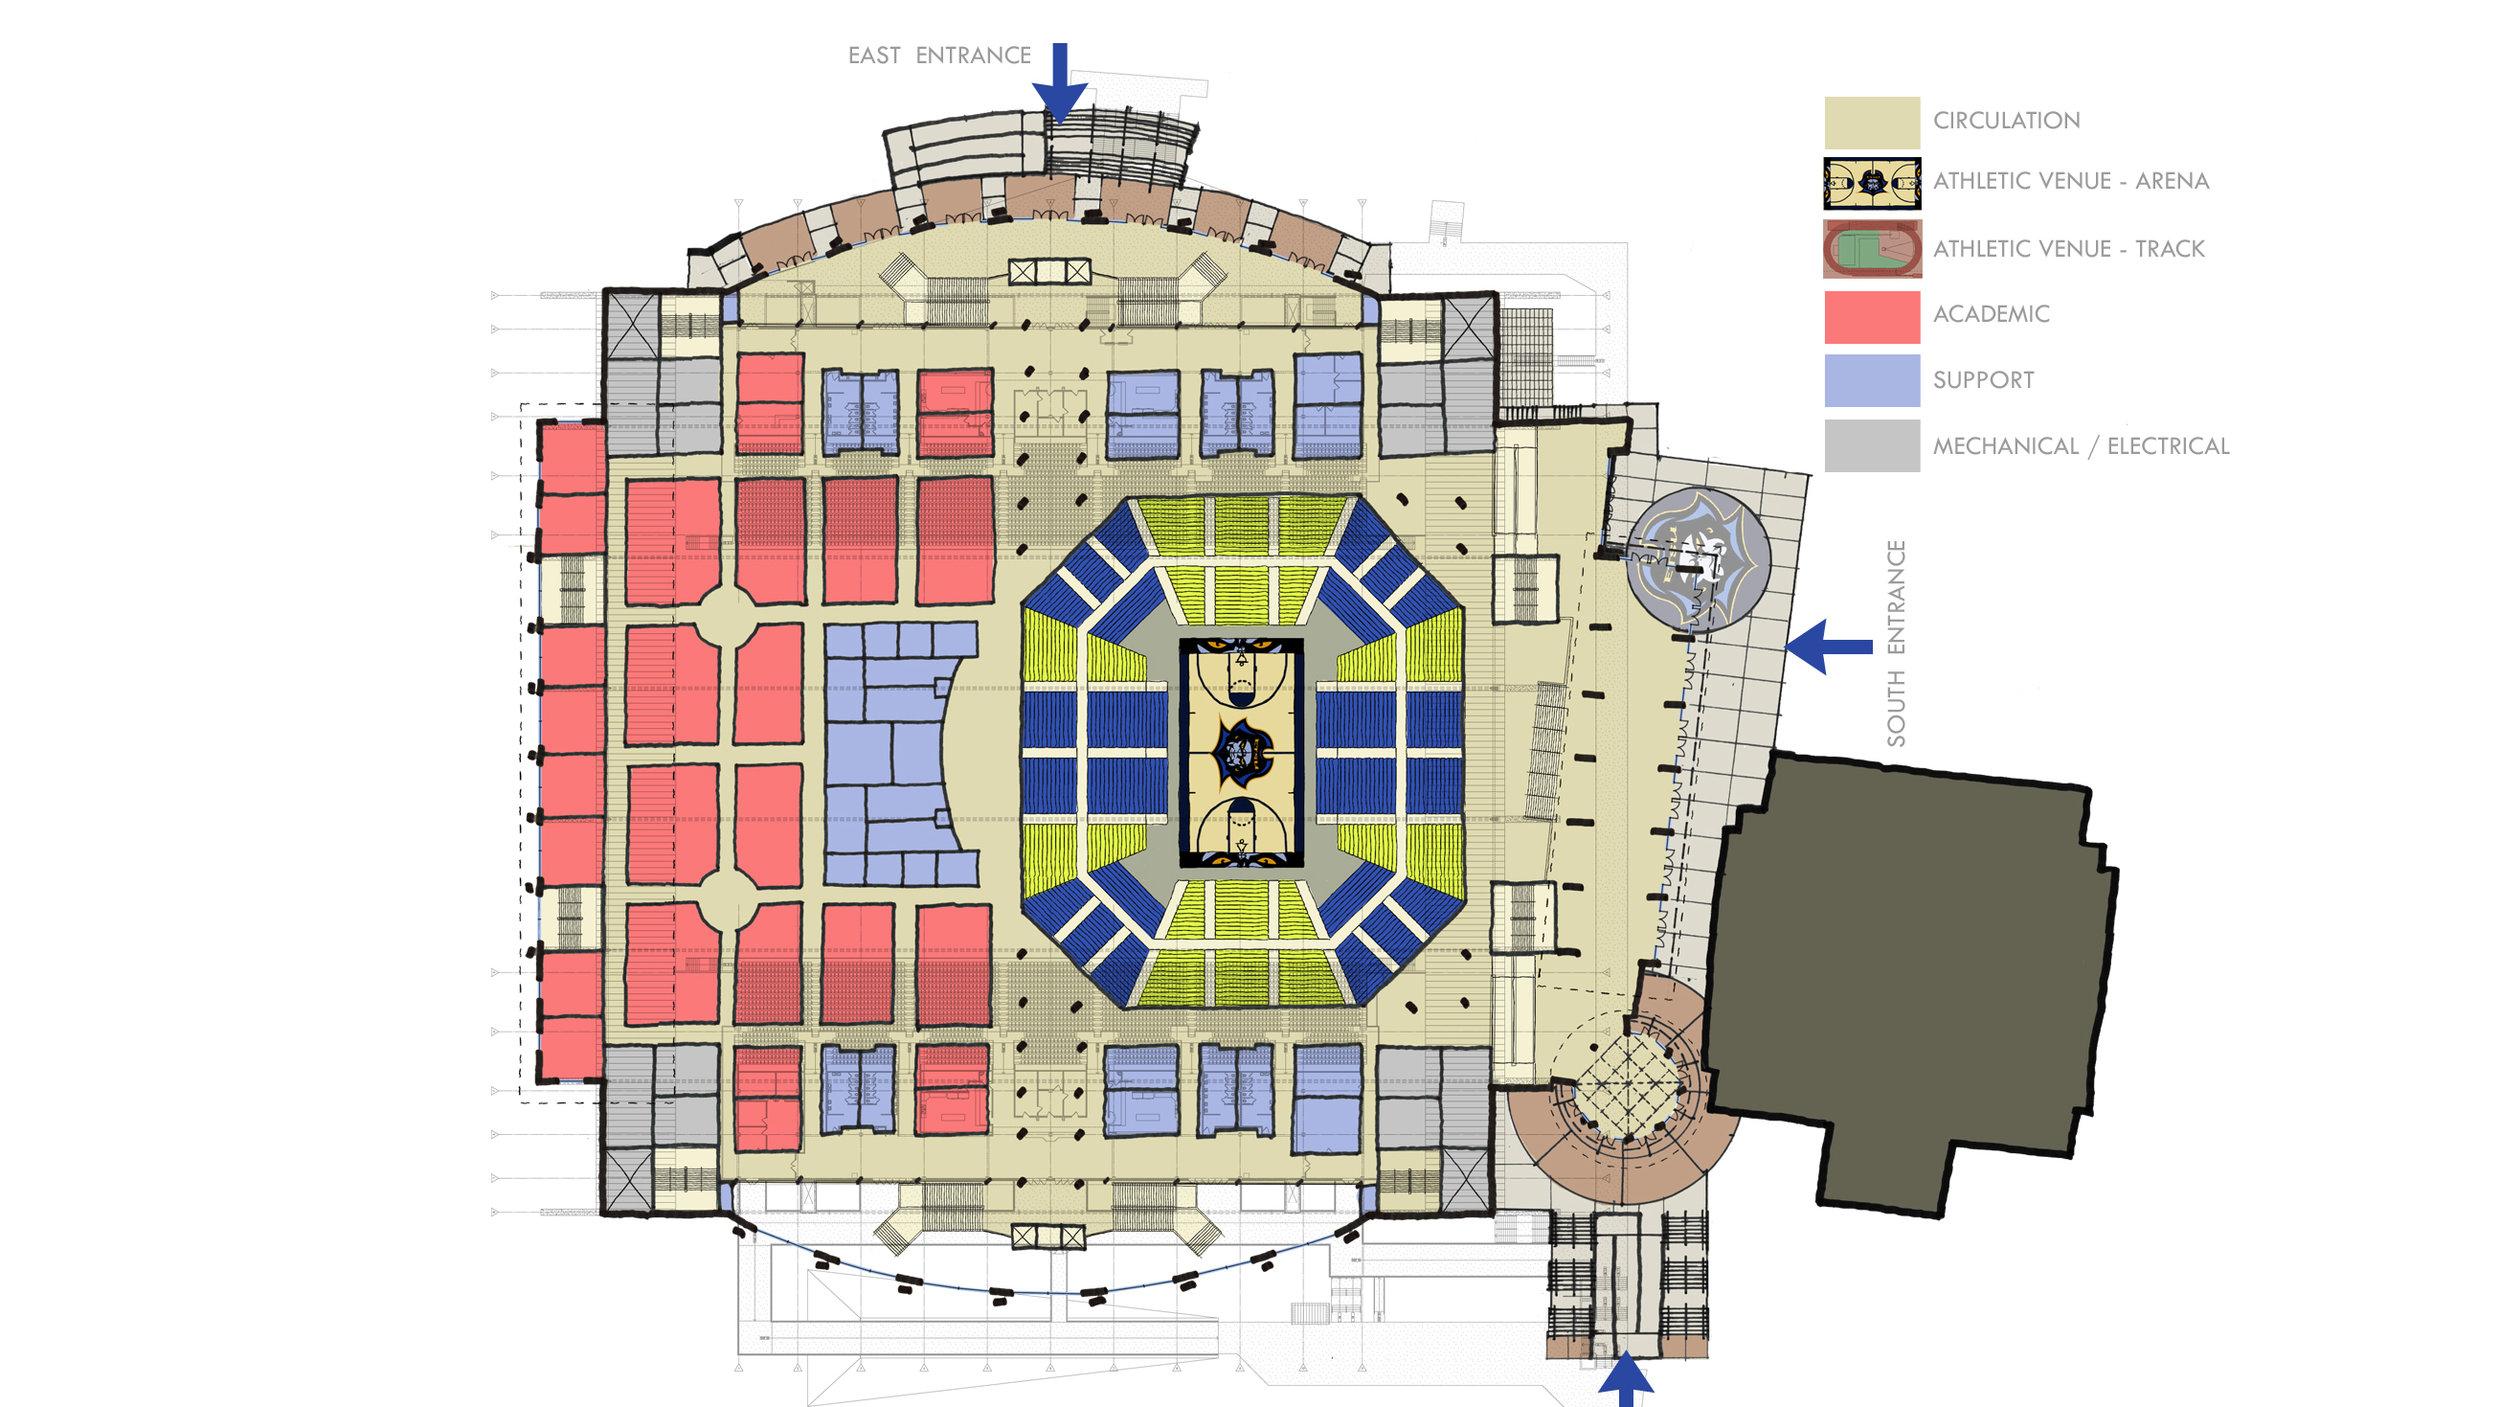 Floor Plan - Level 3